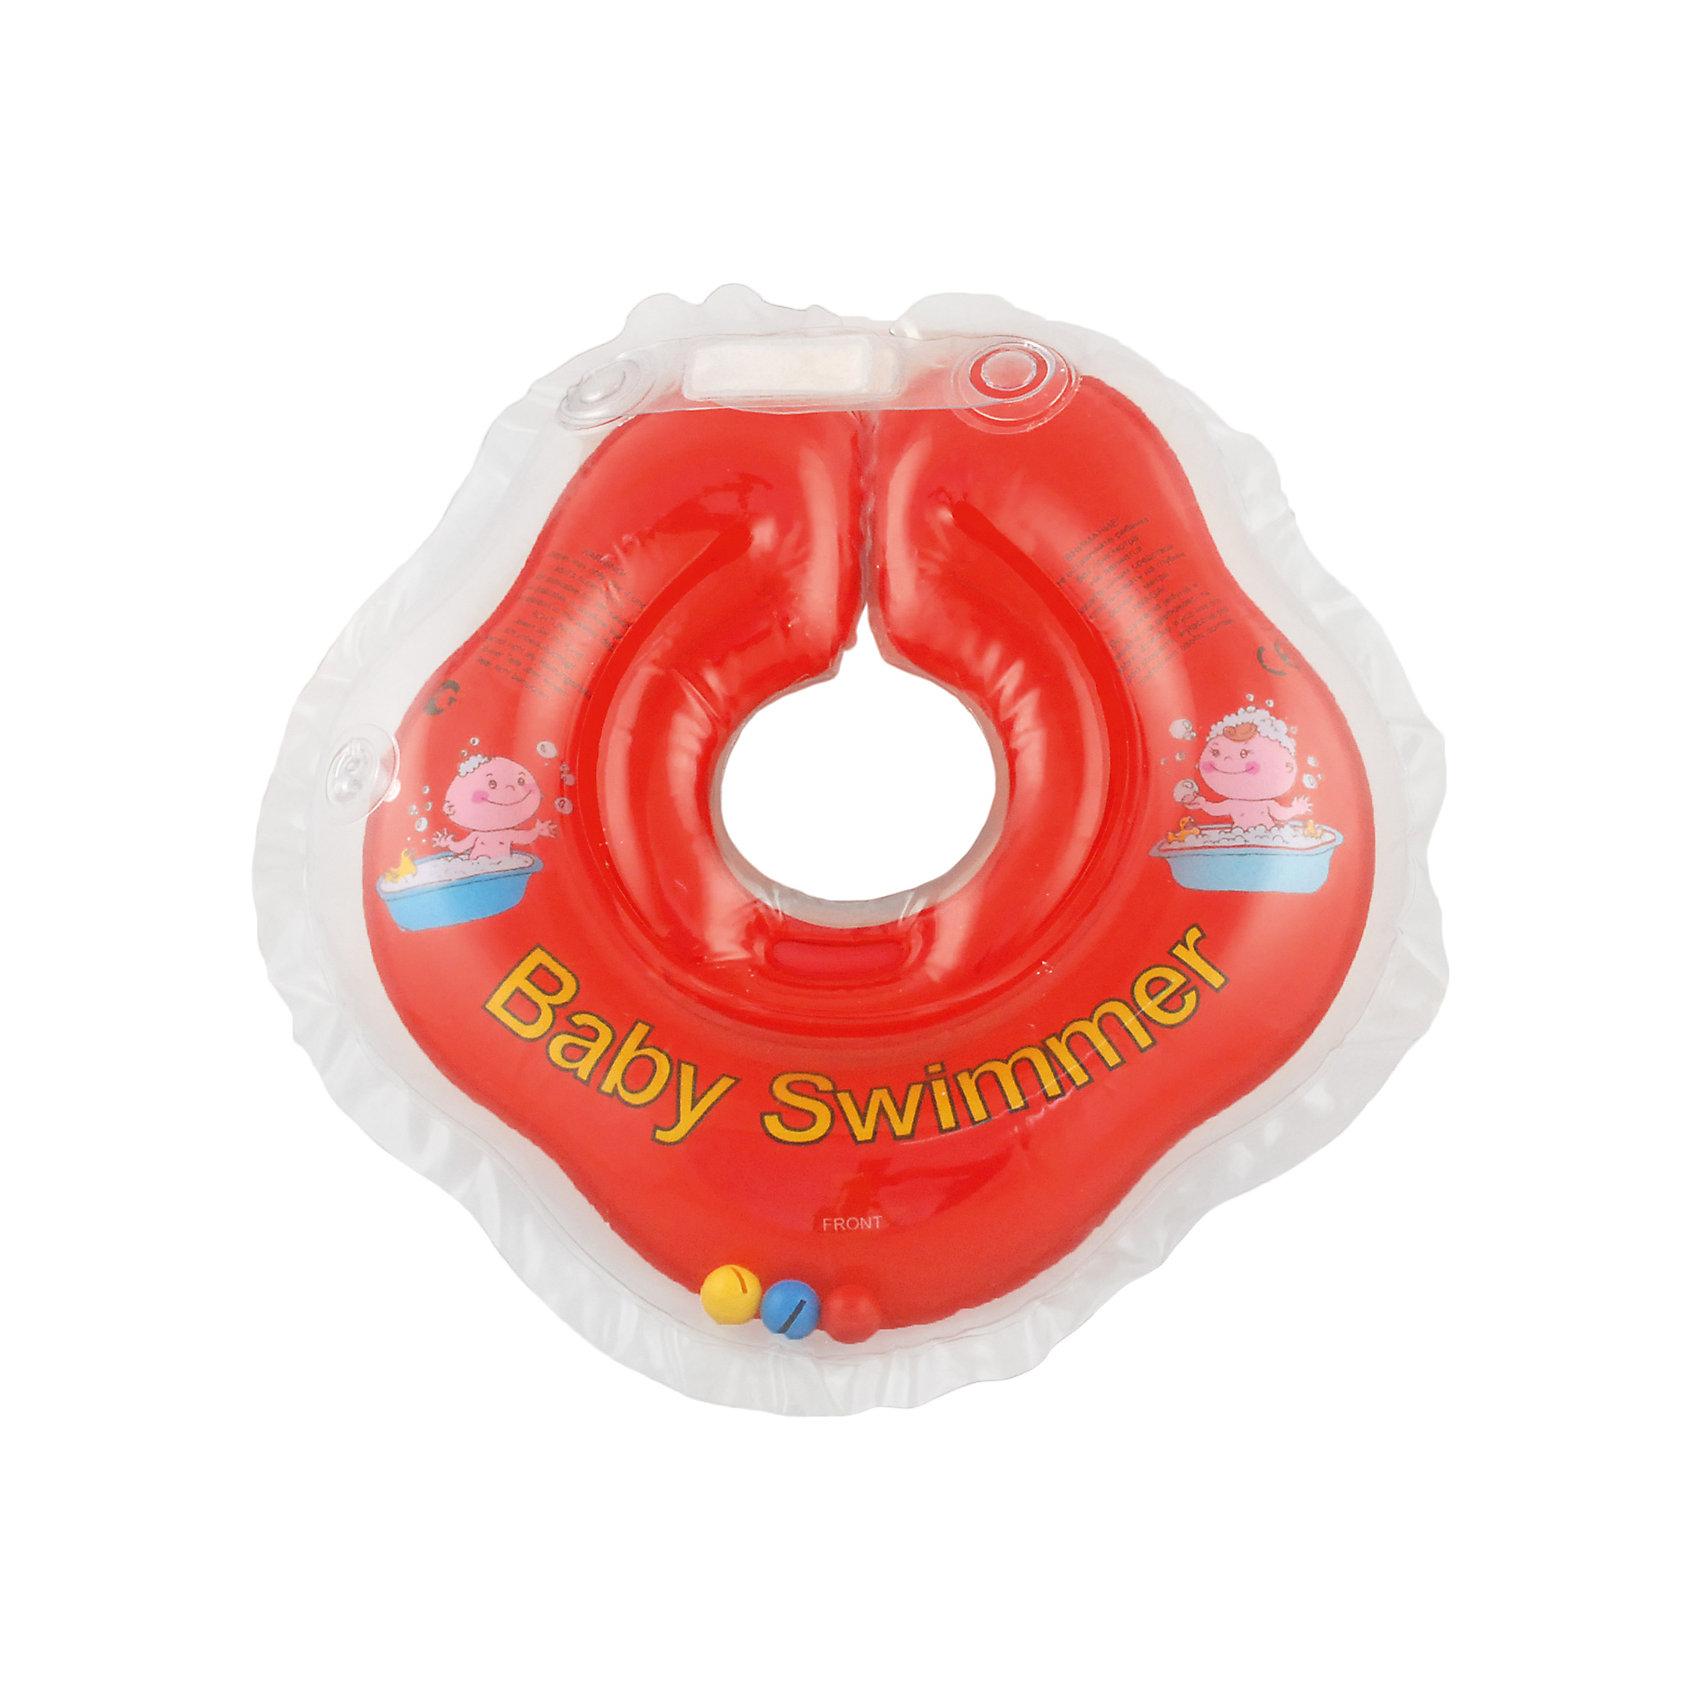 Круг для купания с погремушкой внутриBabySwimmer, красный (Baby Swimmer)